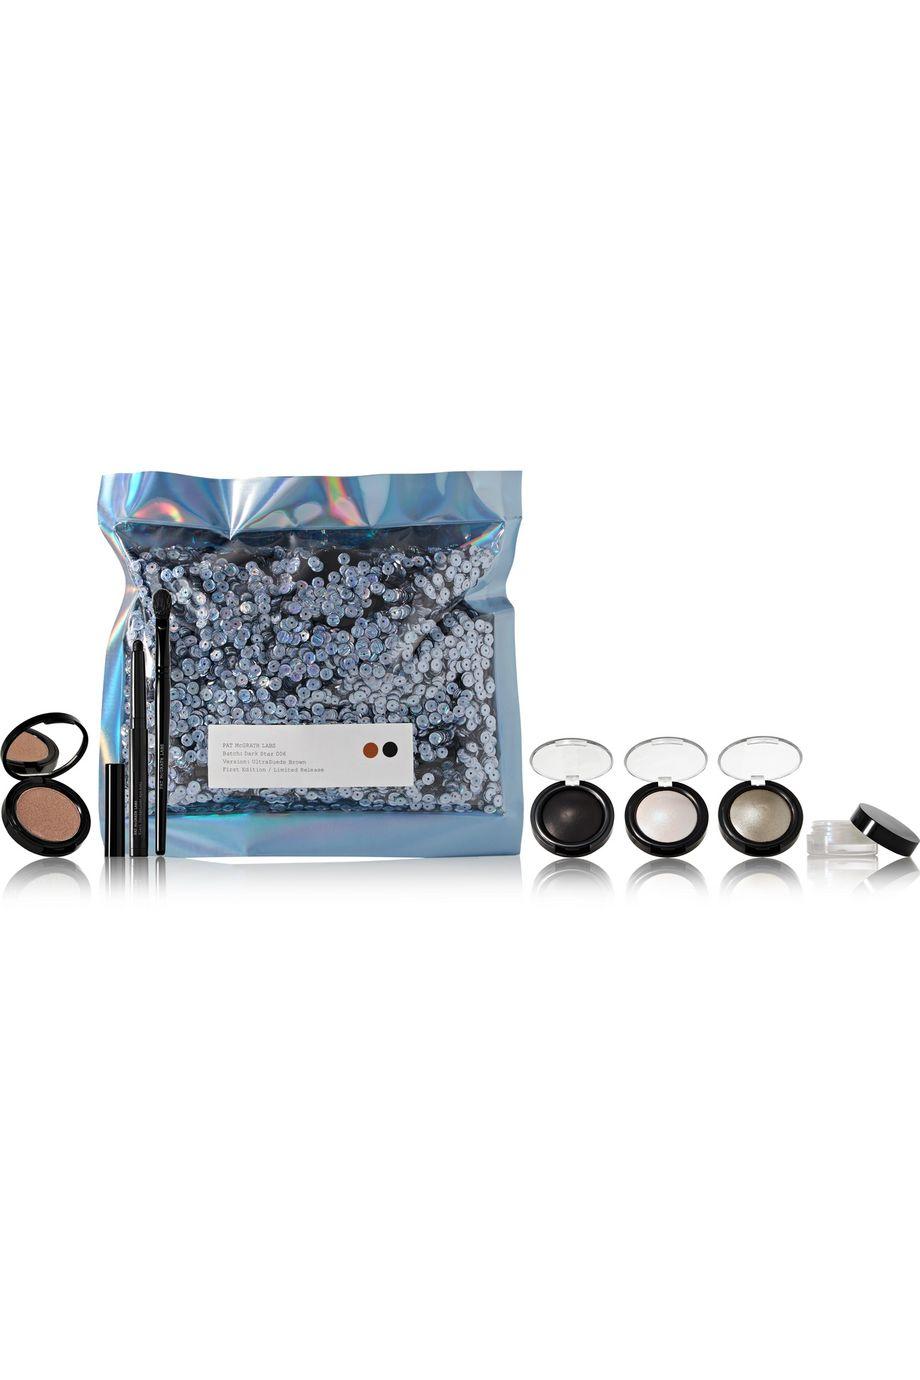 Pat McGrath Labs Dark Star 006 Eye Kit – UltraSuede Brown – Make-up-Set